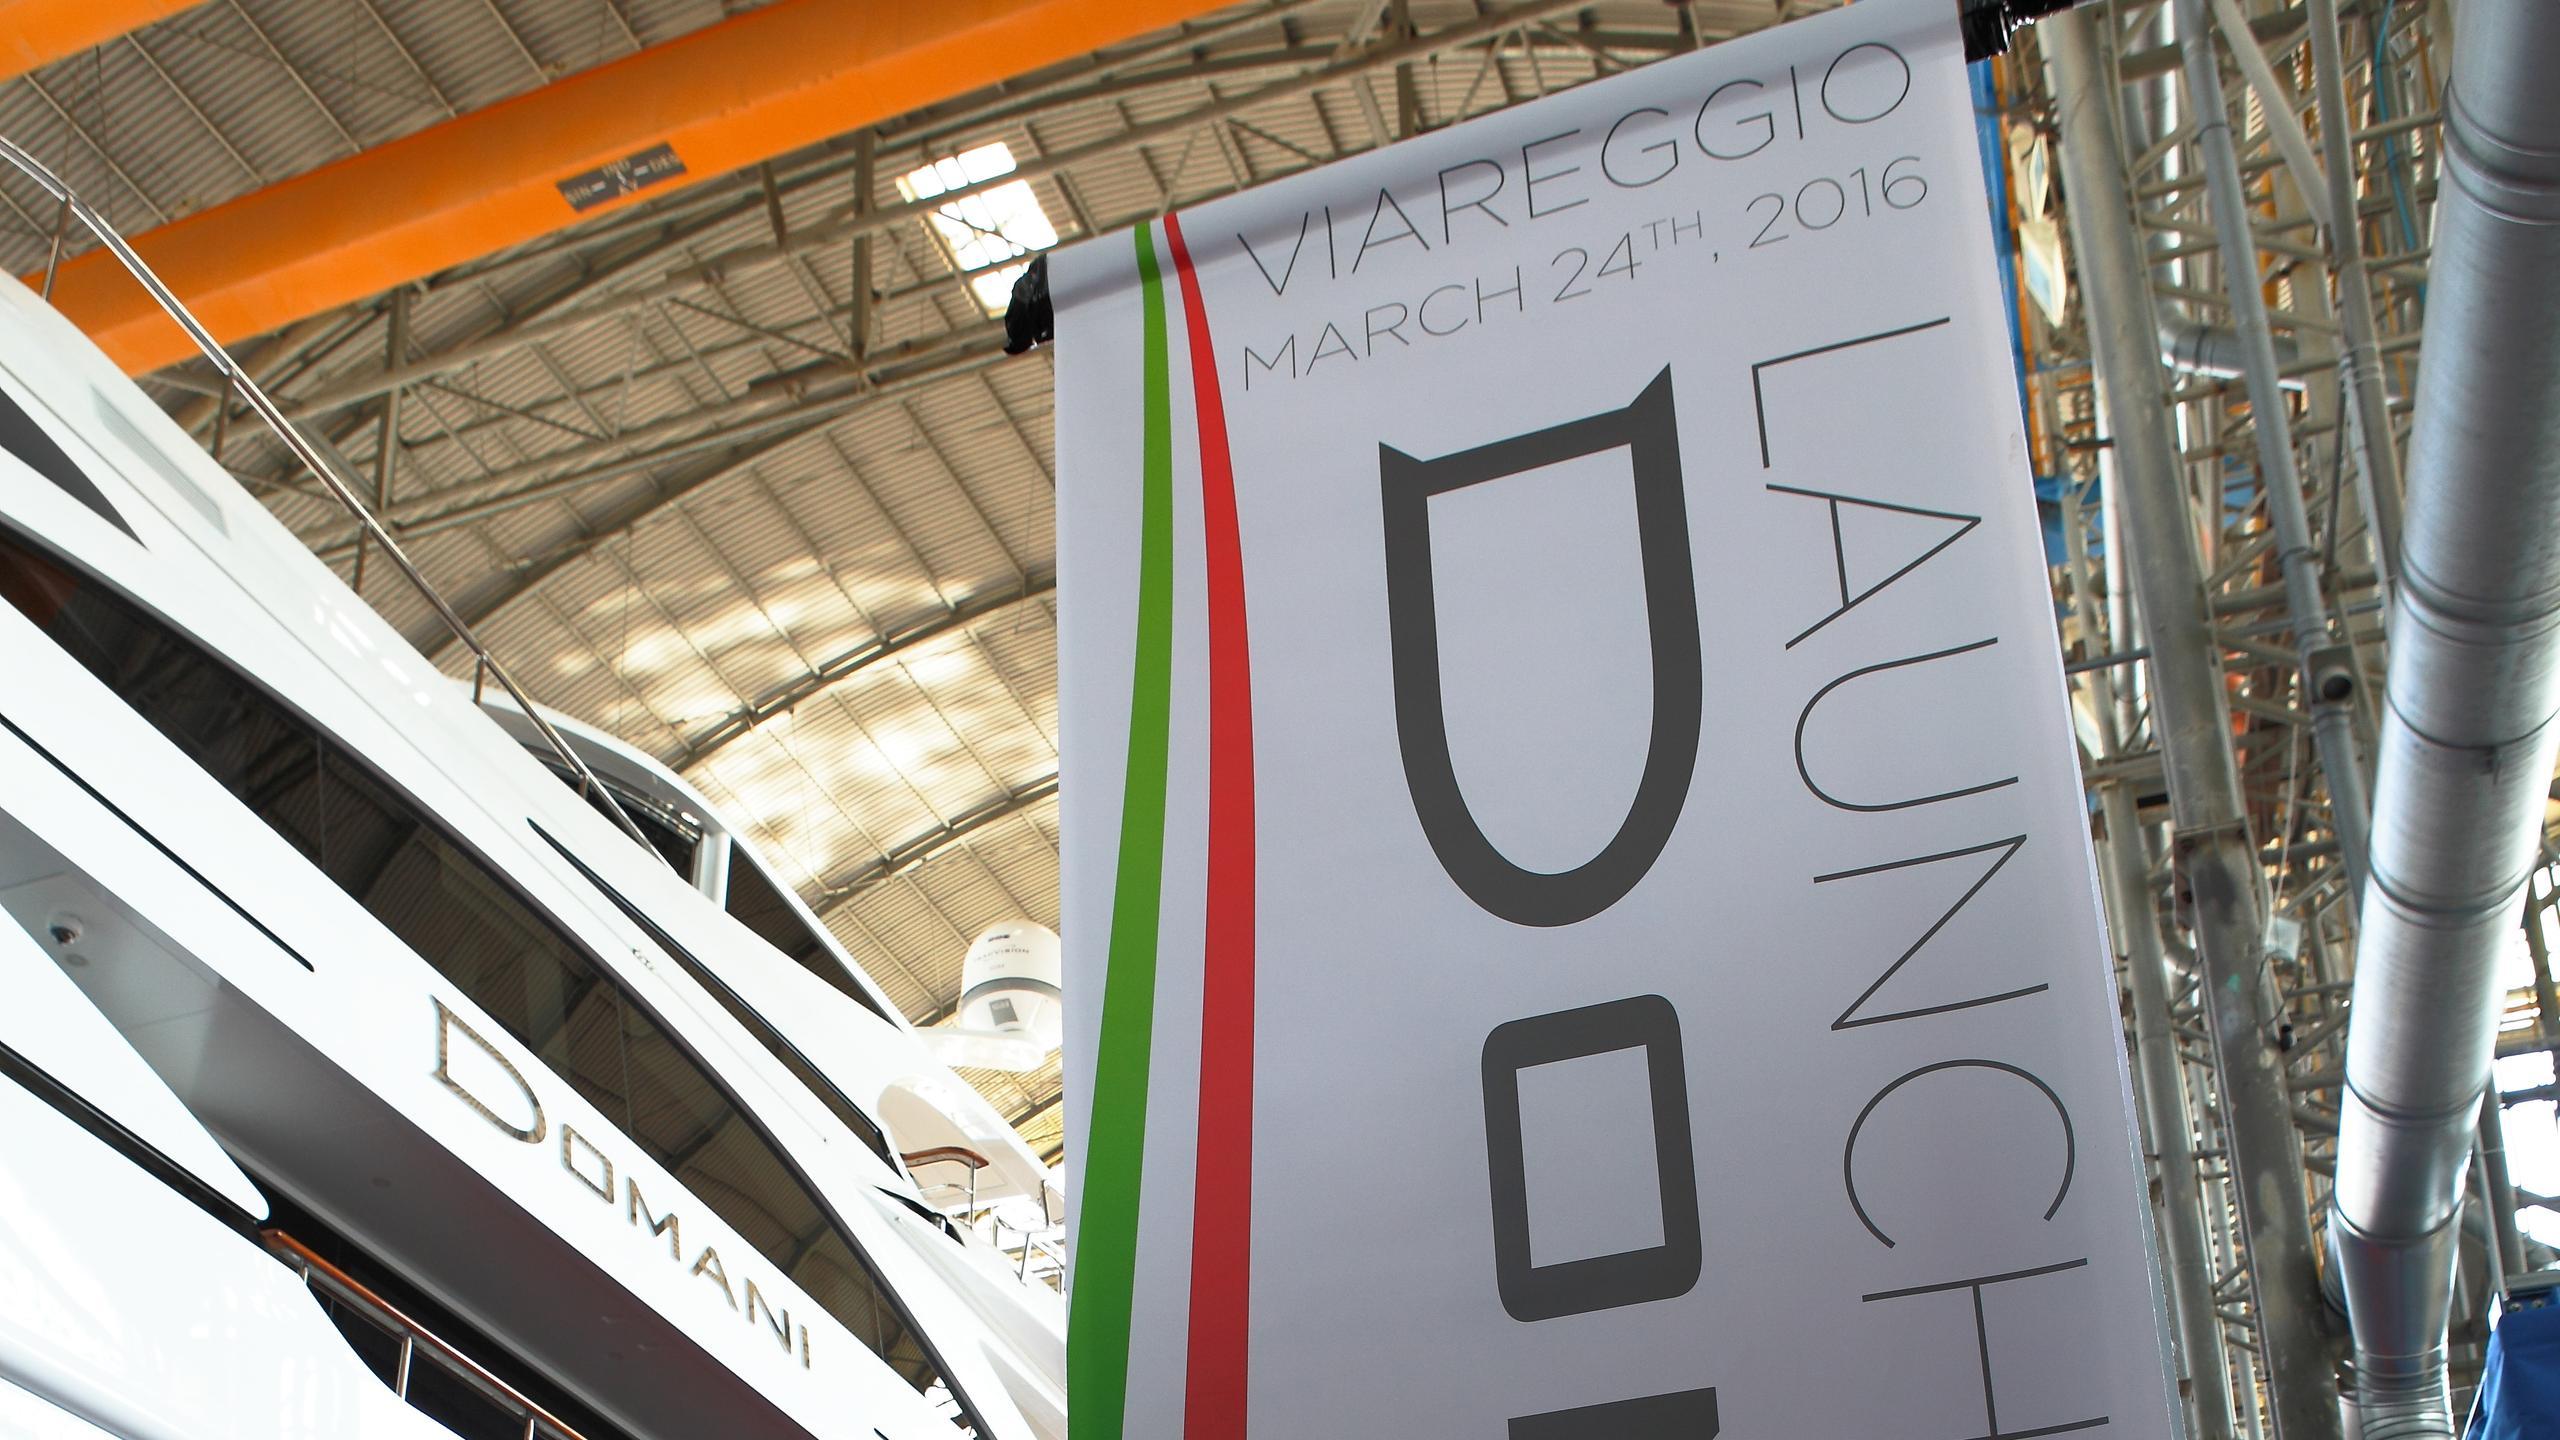 domani-motor-yacht-benetti-2016-42m-launch-banner